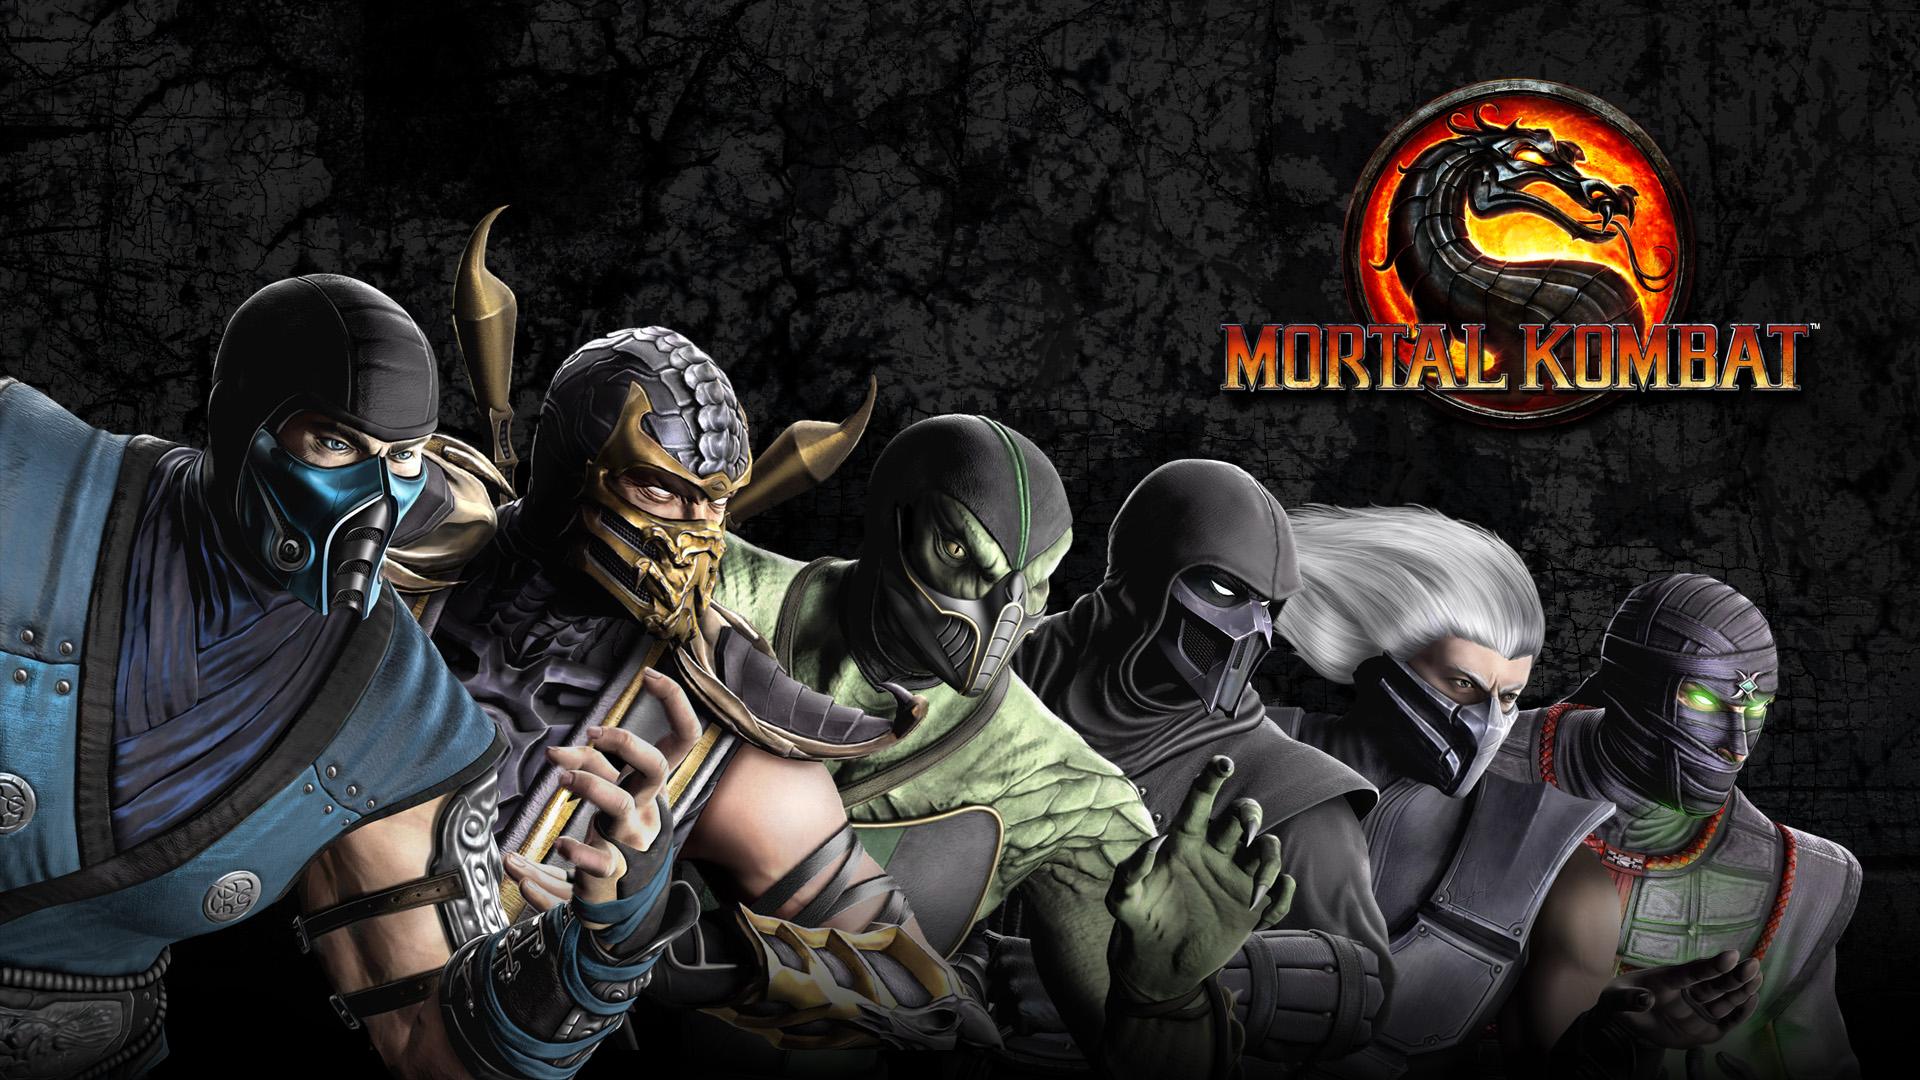 تاریخچه Mortal Kombat | قسمت آخر: داستان بازی | گیمفا - photo#16